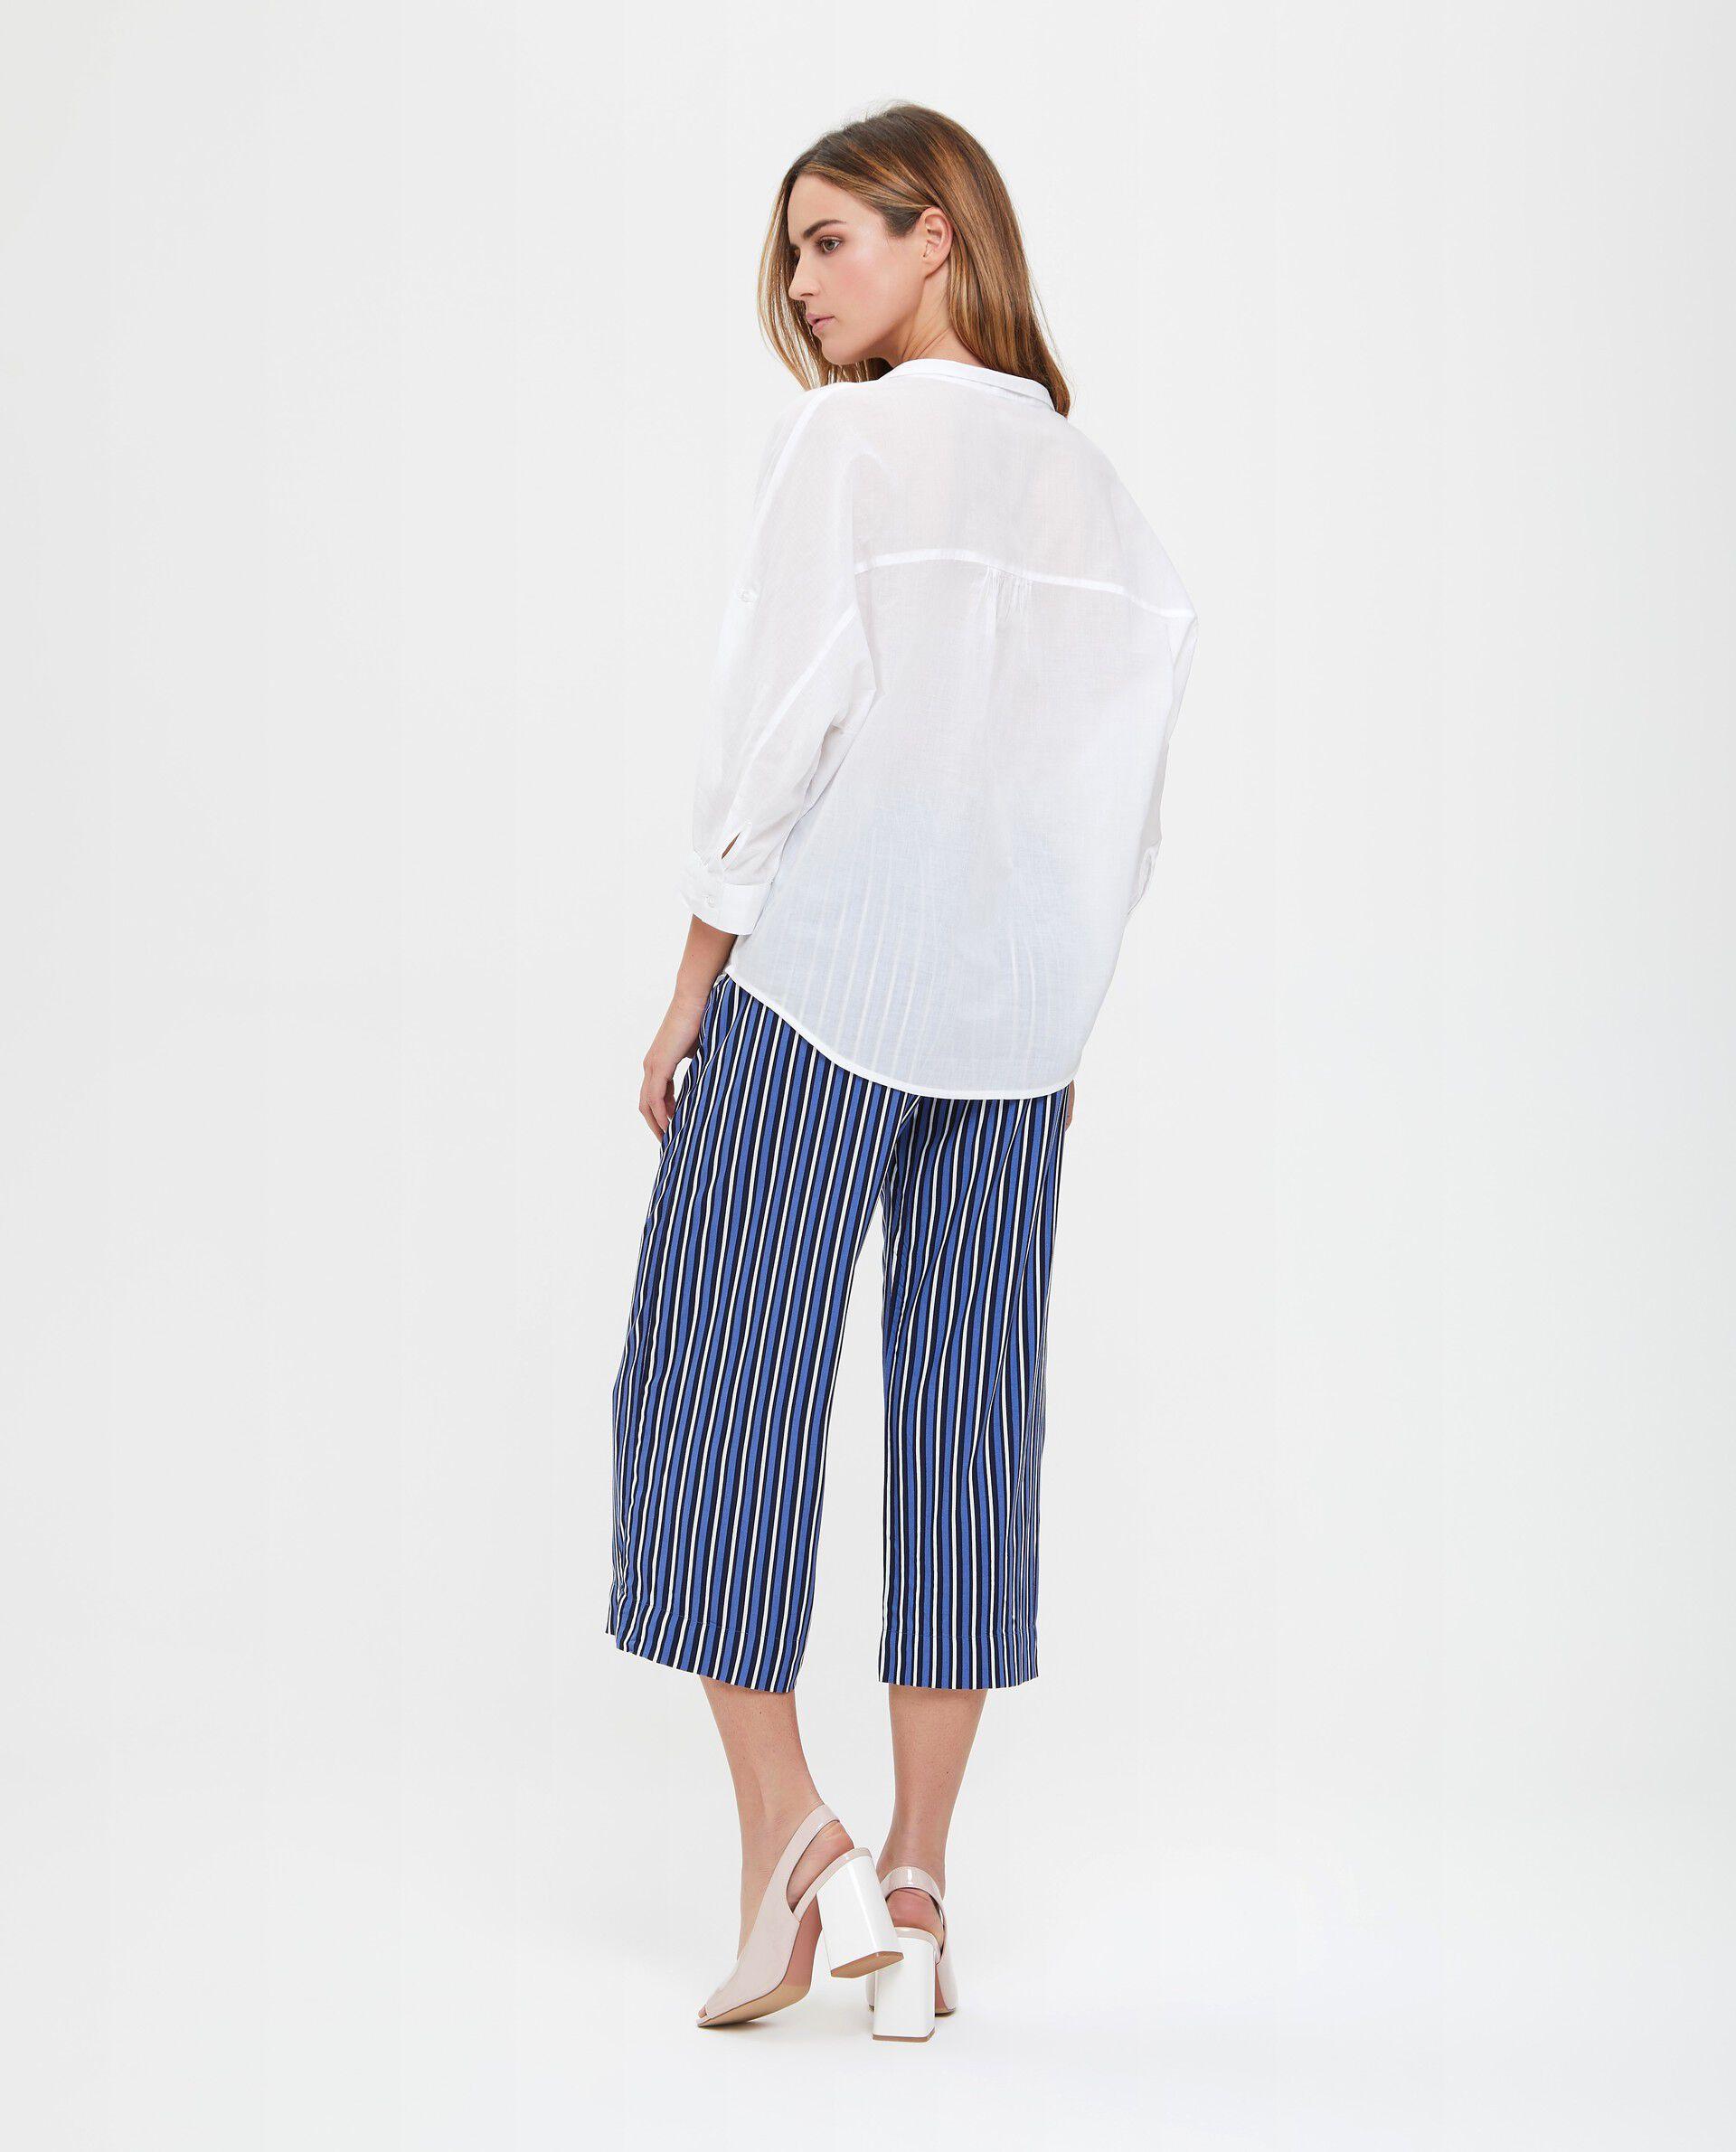 Blusa cotone con colletto e apertura